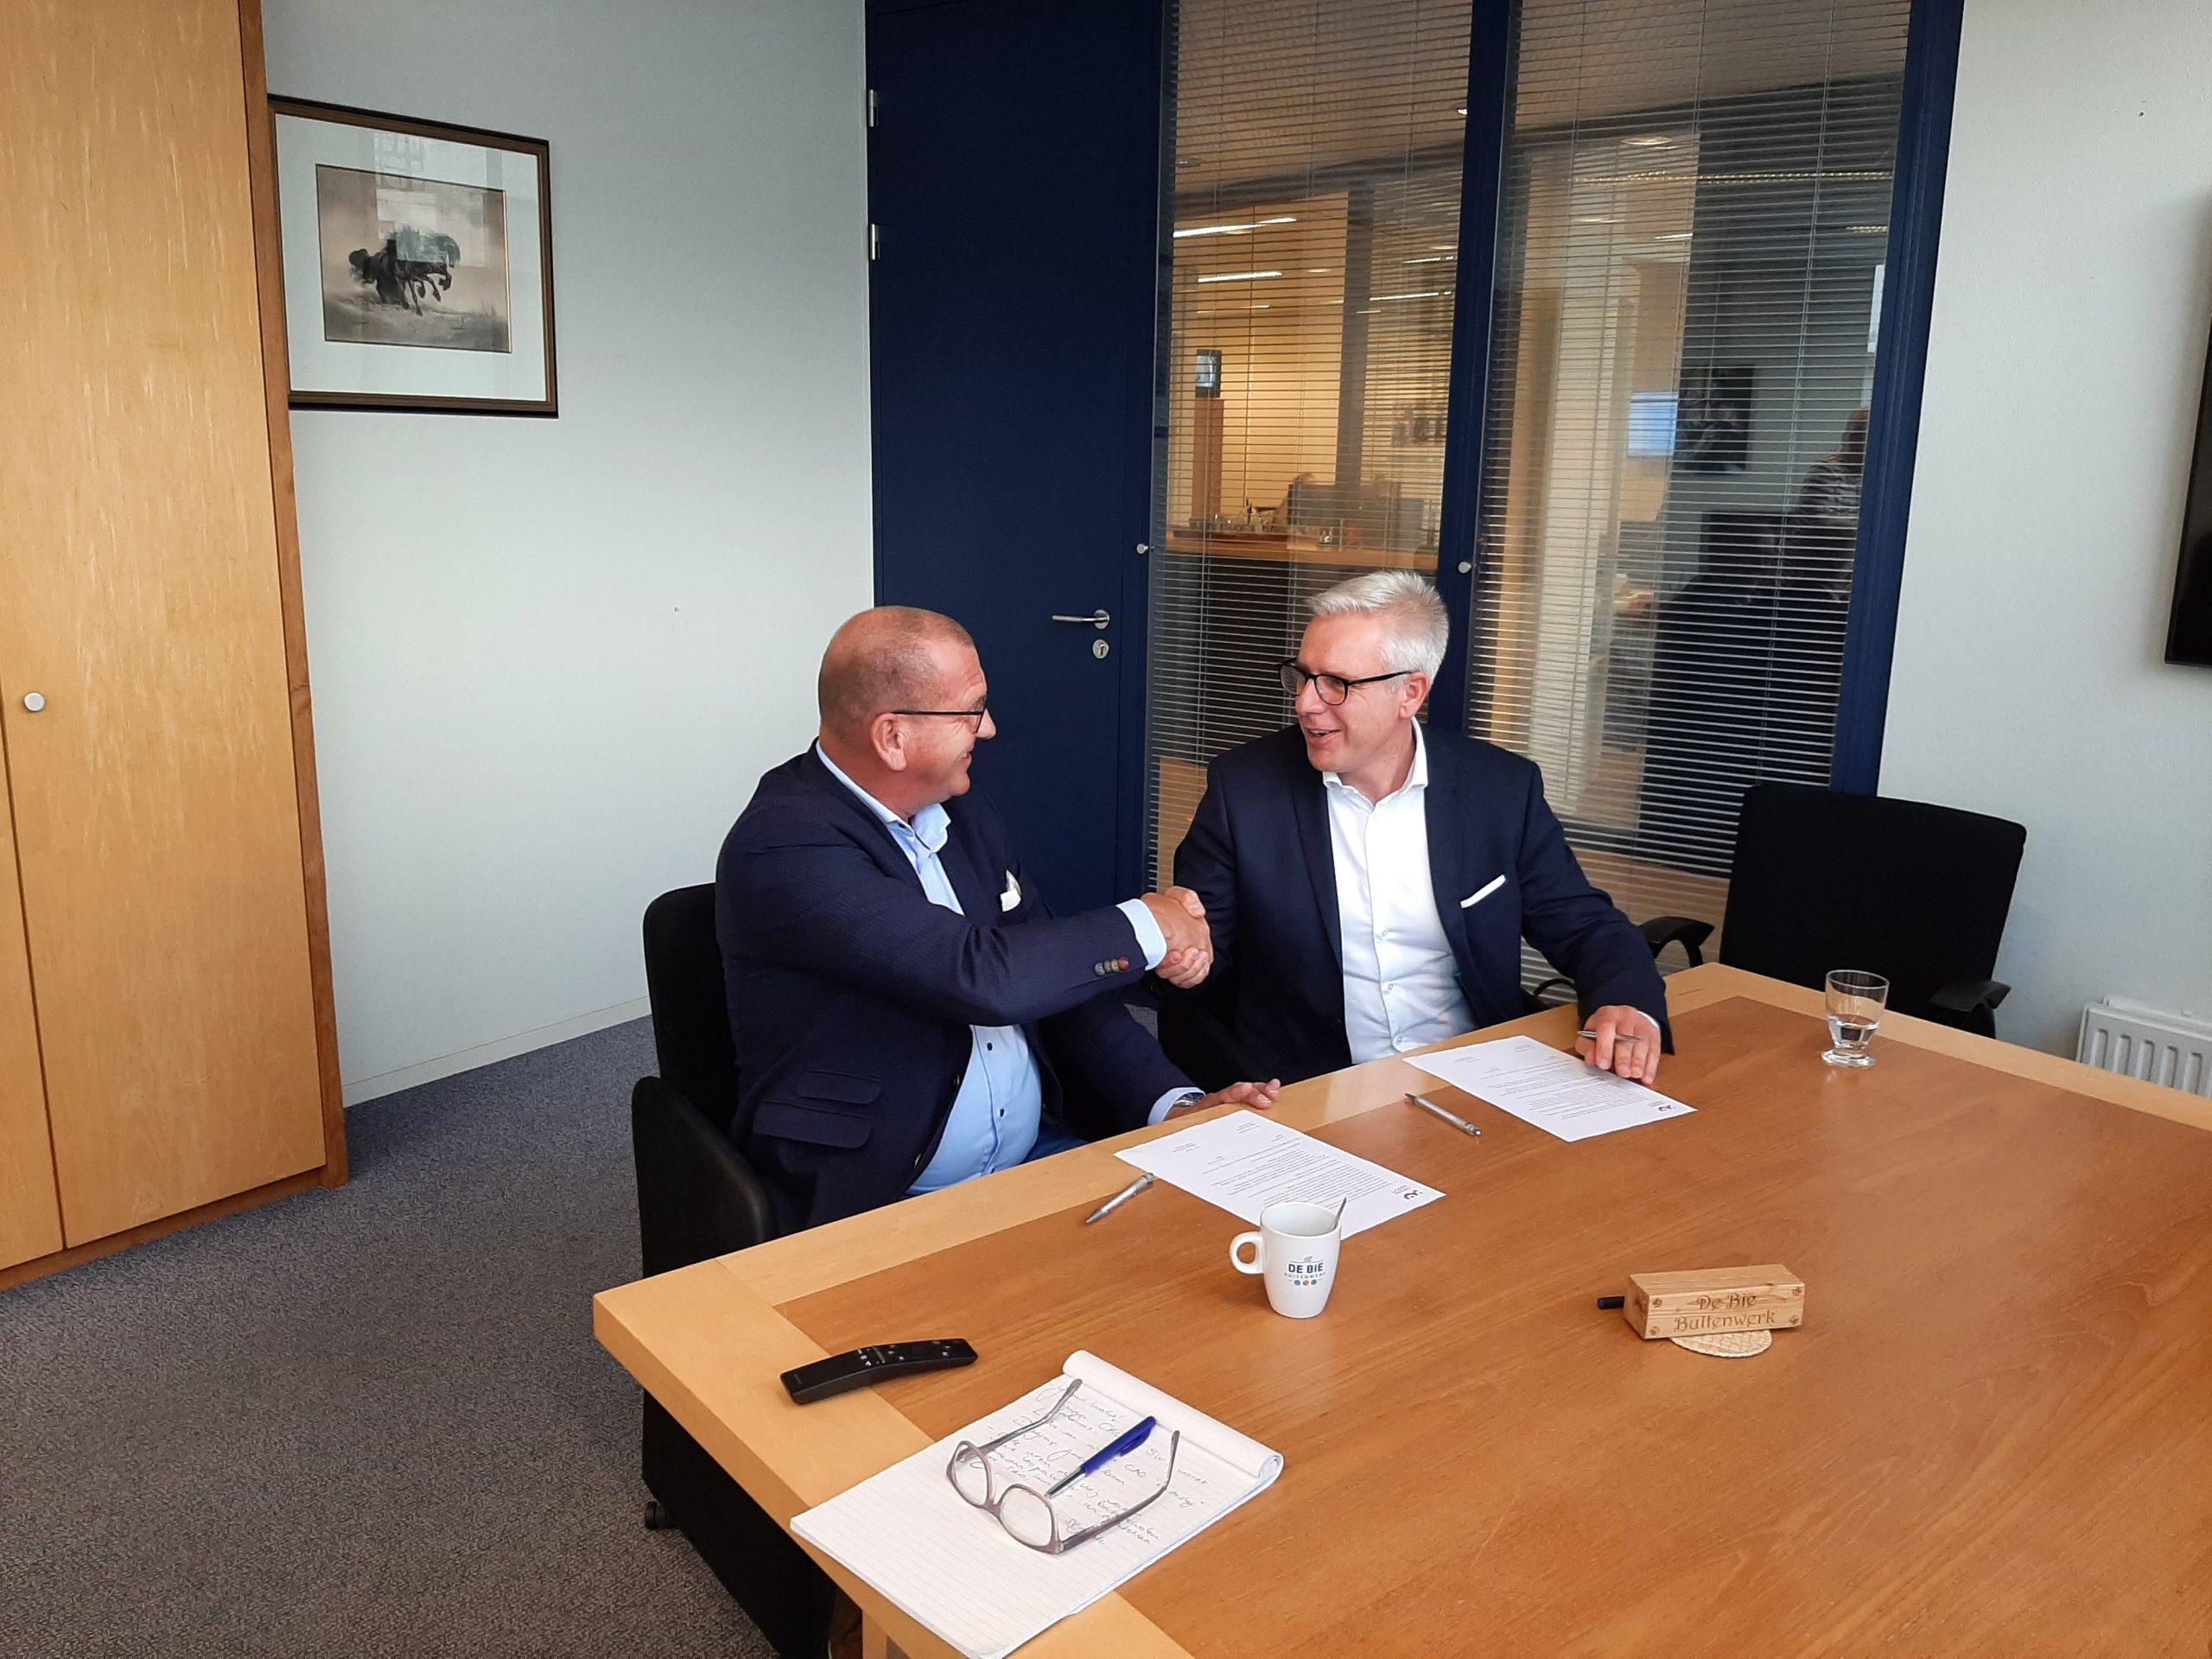 IJmond Werkt! en De Bie Groen BV zetten tijdelijke samenwerking om naar vast partnership